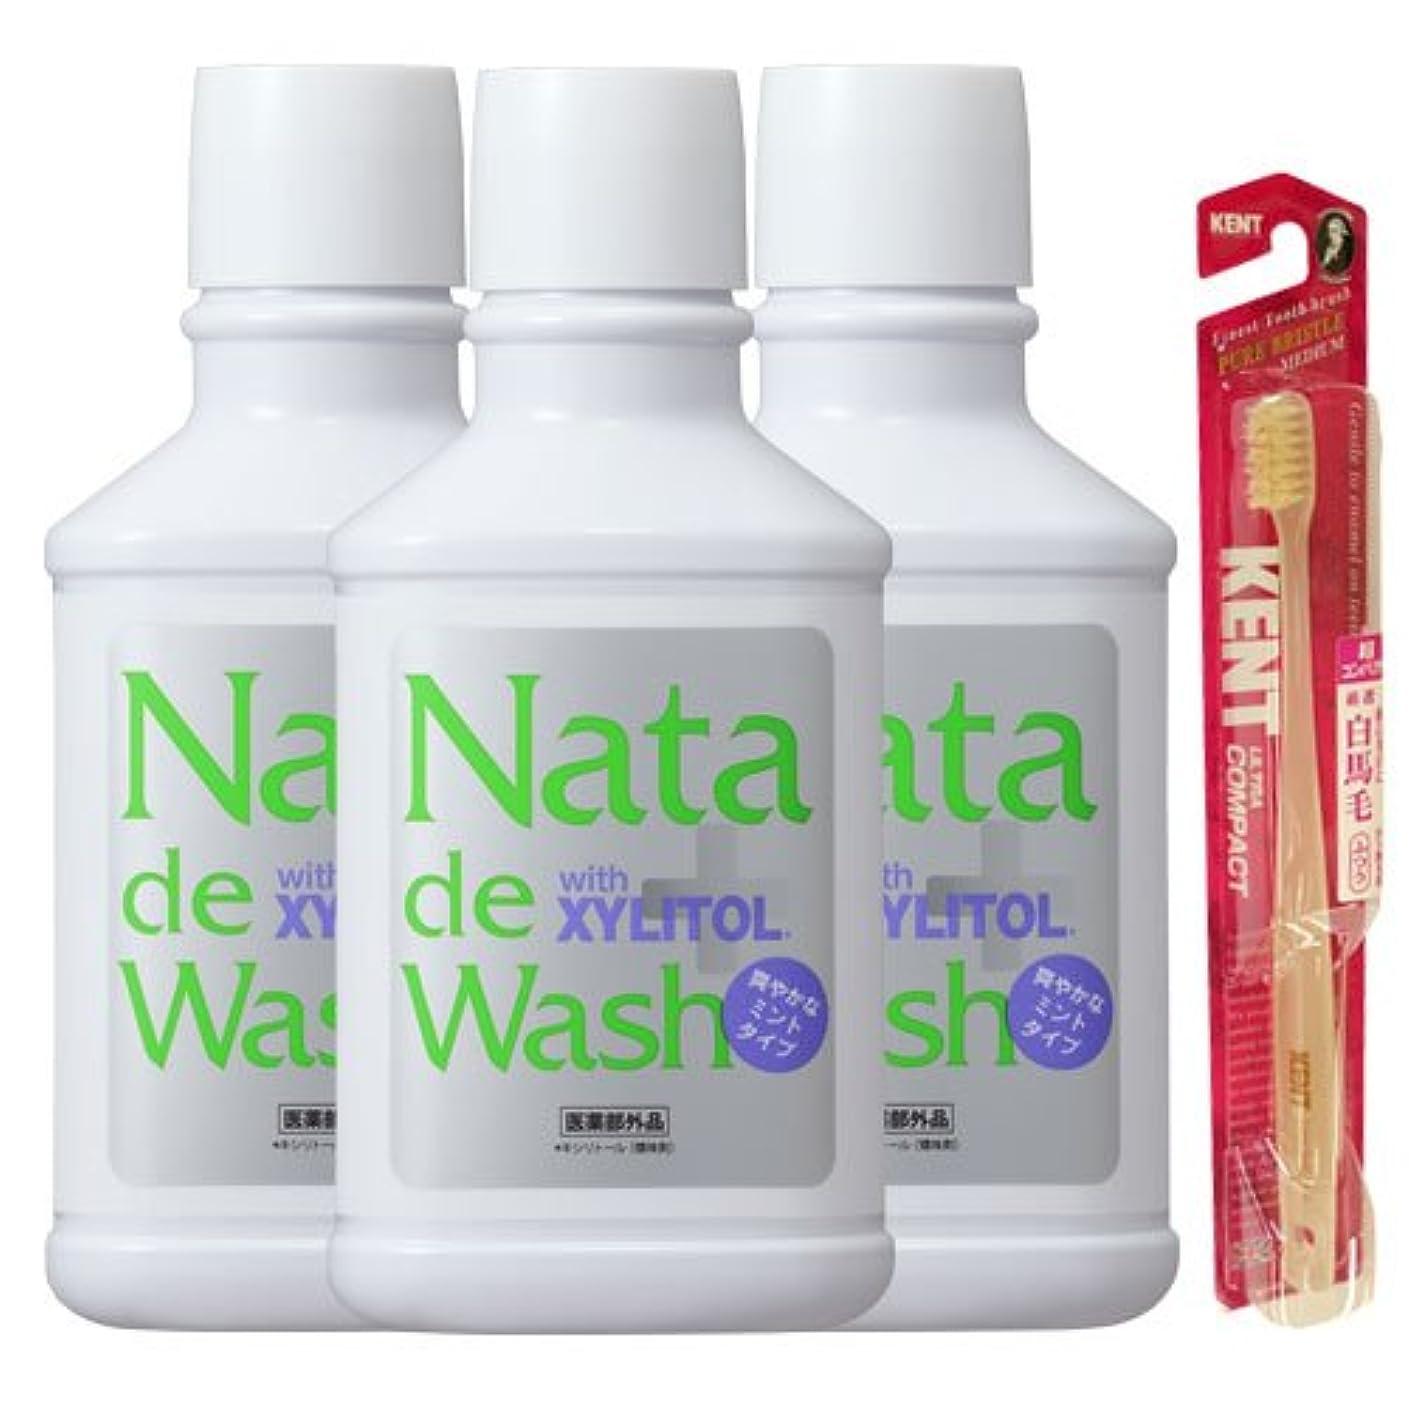 ぼんやりした成熟パンサー薬用ナタデウォッシュ 爽やかなミントタイプ 500ml 3本& KENT歯ブラシ1本プレゼント